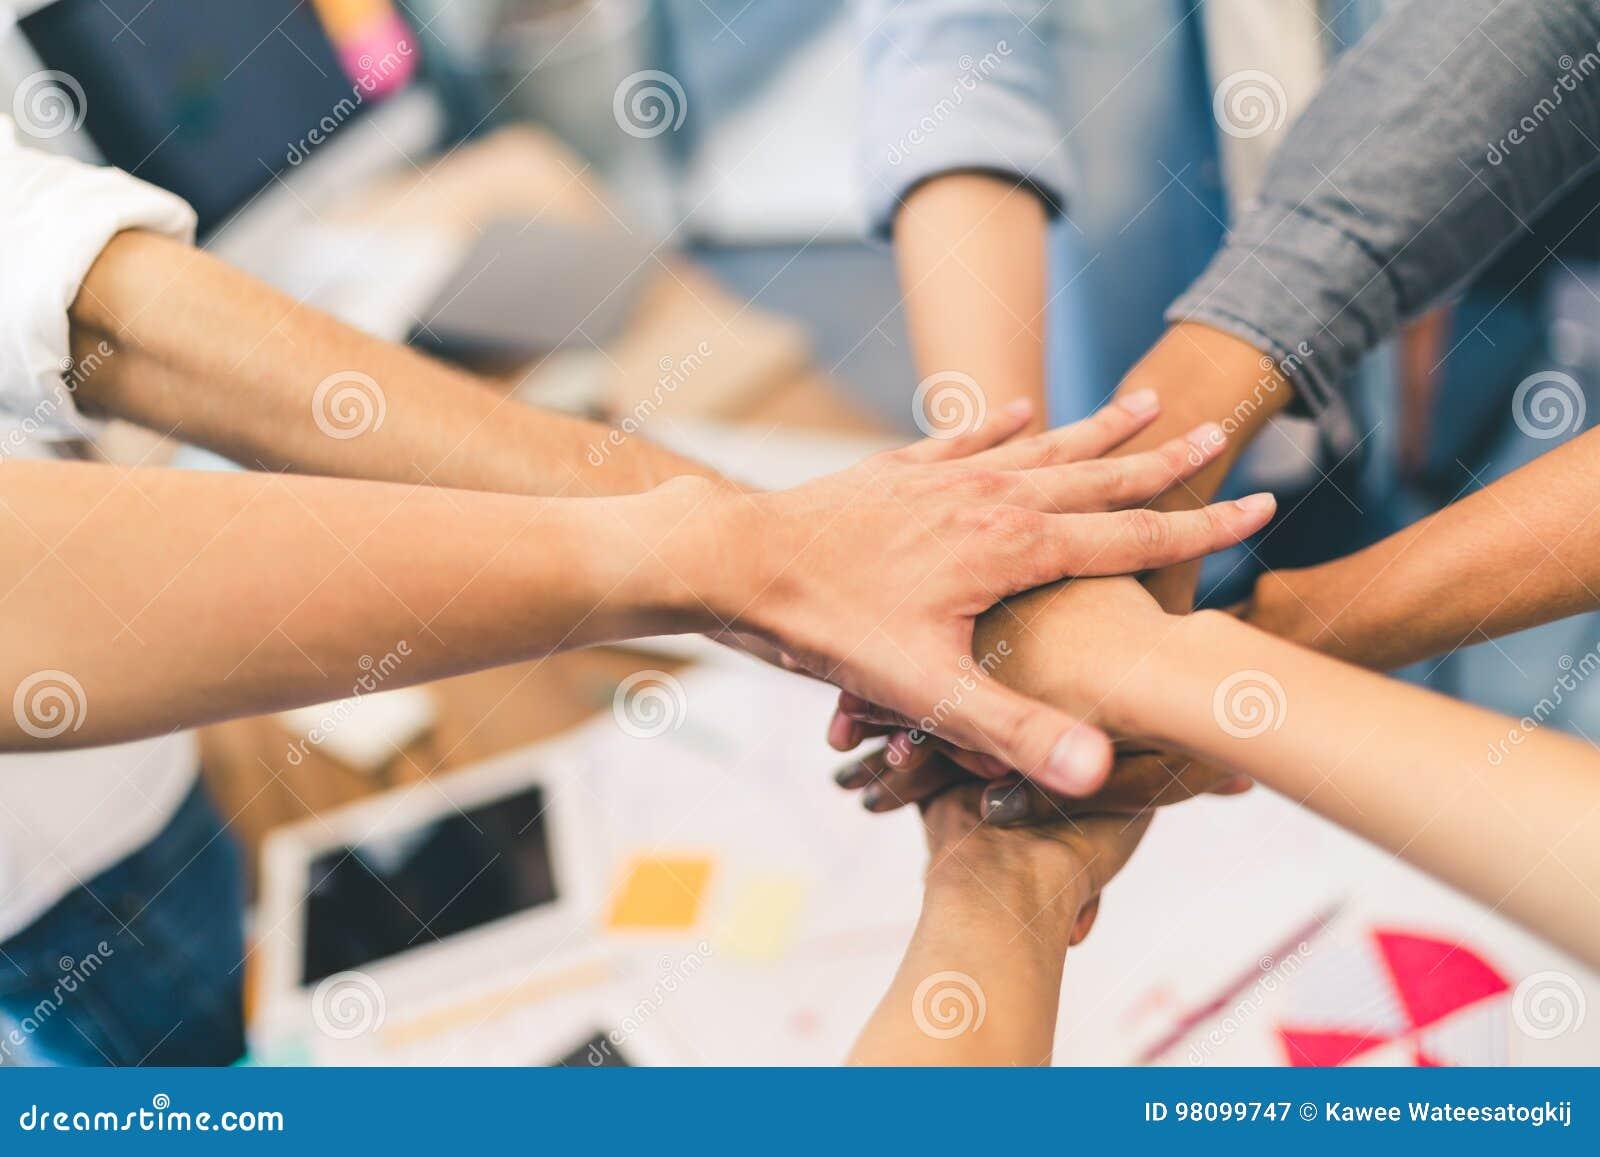 Деловые партнеры сыгранность или концепция приятельства Многонациональная разнообразная группа в составе коллеги соединяет руки с